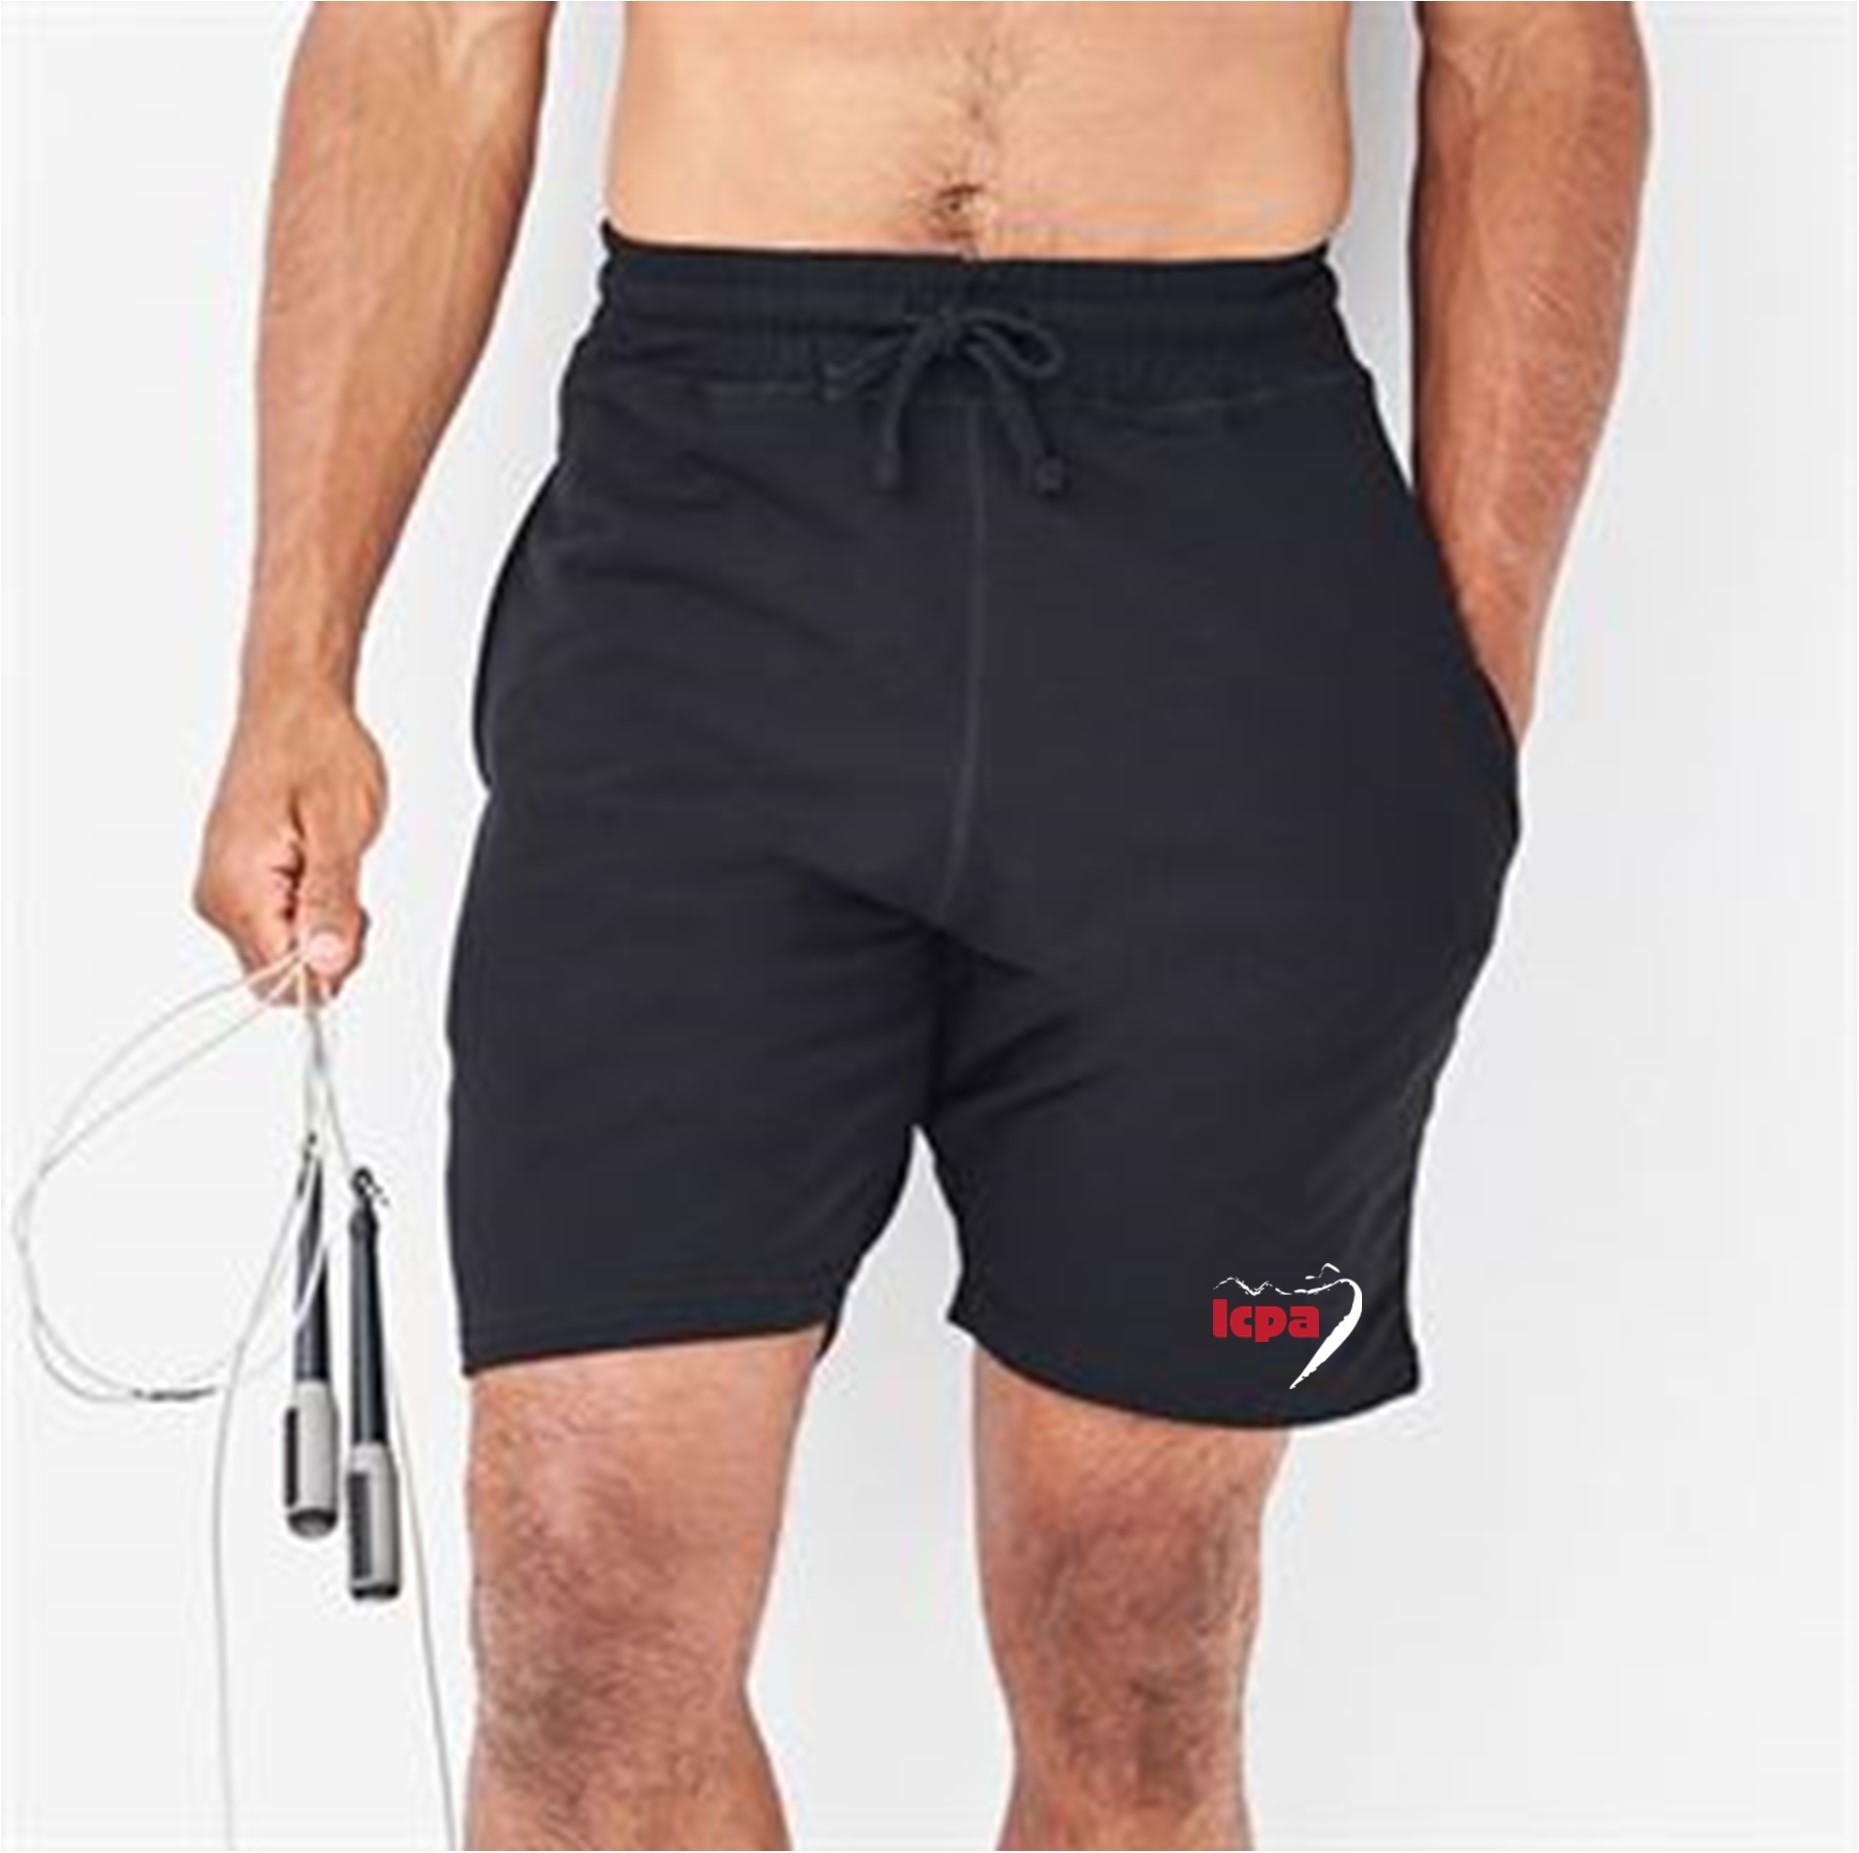 LCPA-014 Cool jog shorts